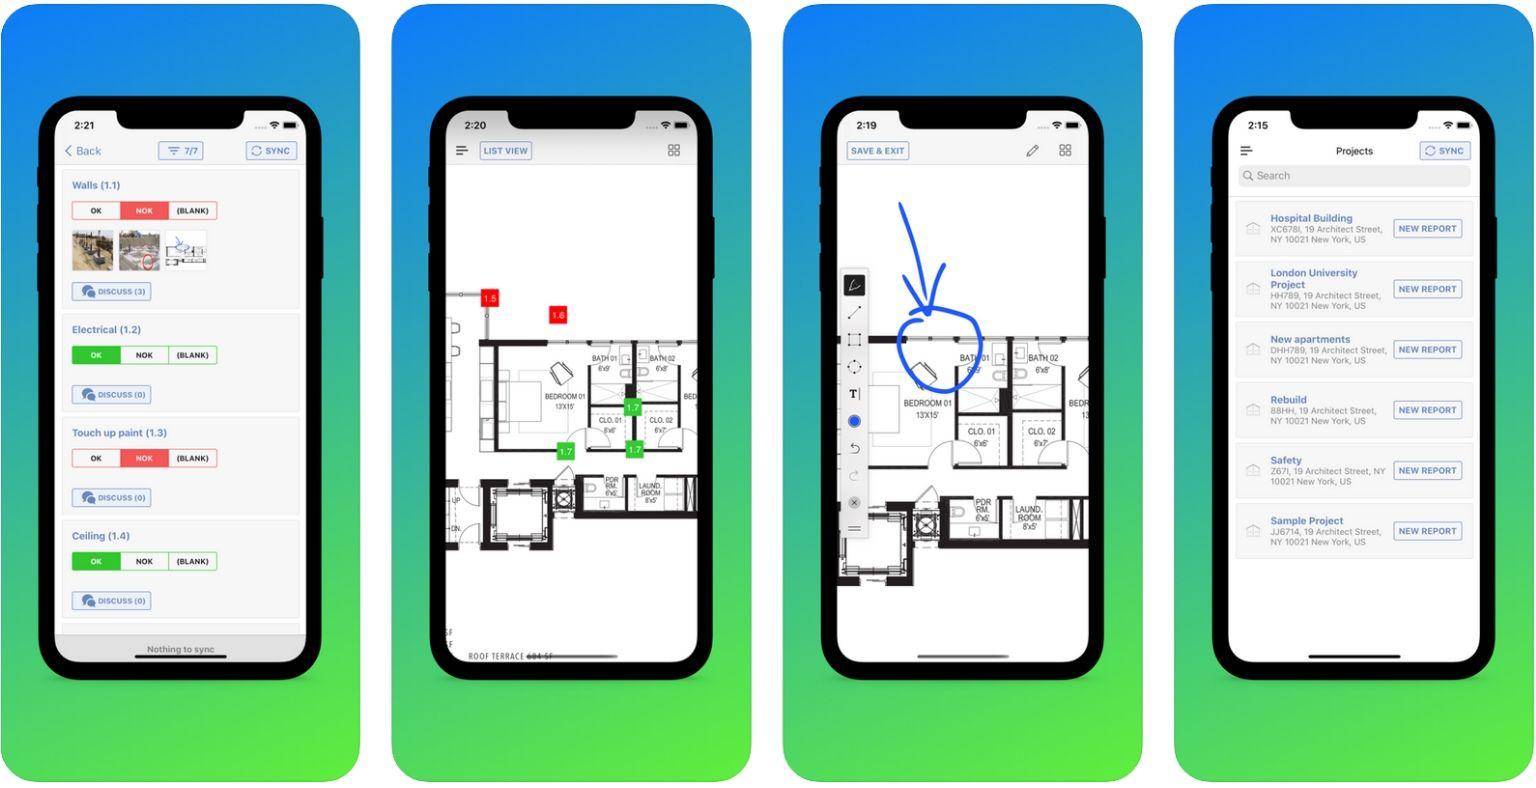 بهترین برنامه ها برای معماران - ArchiSnapper - عکس صفحه | وبلاگ ArchiSnapper